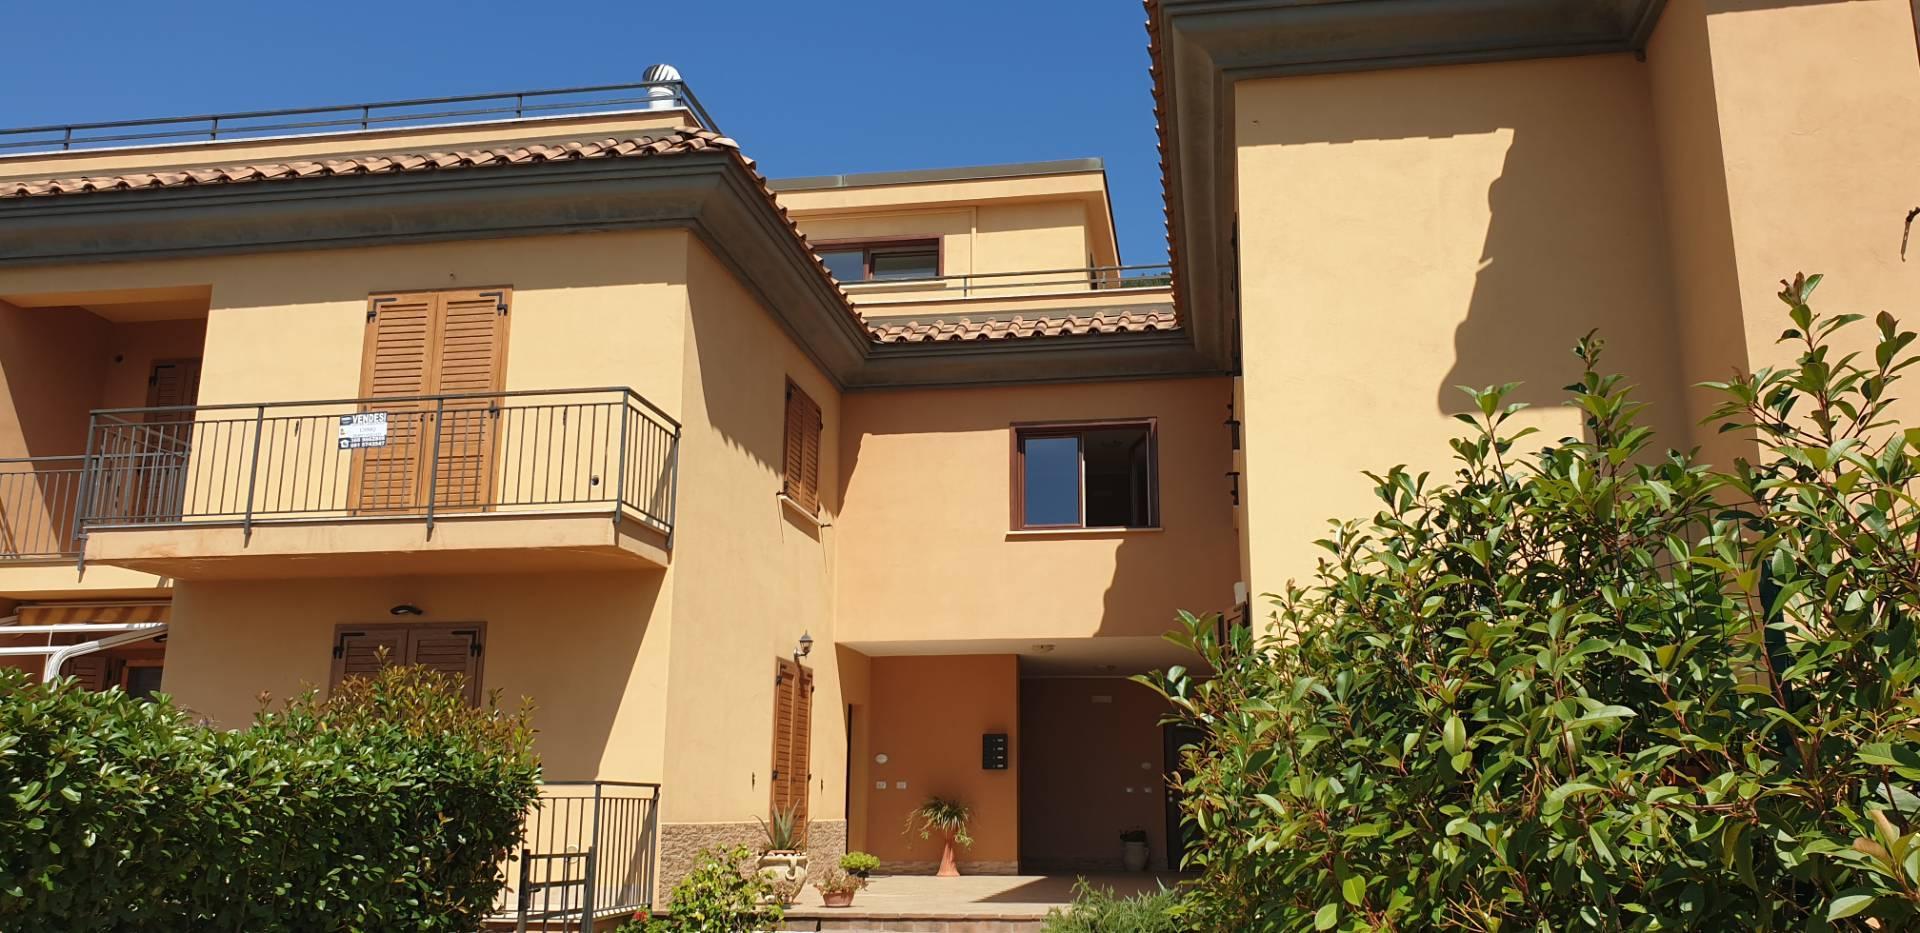 Appartamento in vendita a Sant'Angelo d'Alife, 5 locali, zona Località: SanNicola, prezzo € 128.000   PortaleAgenzieImmobiliari.it